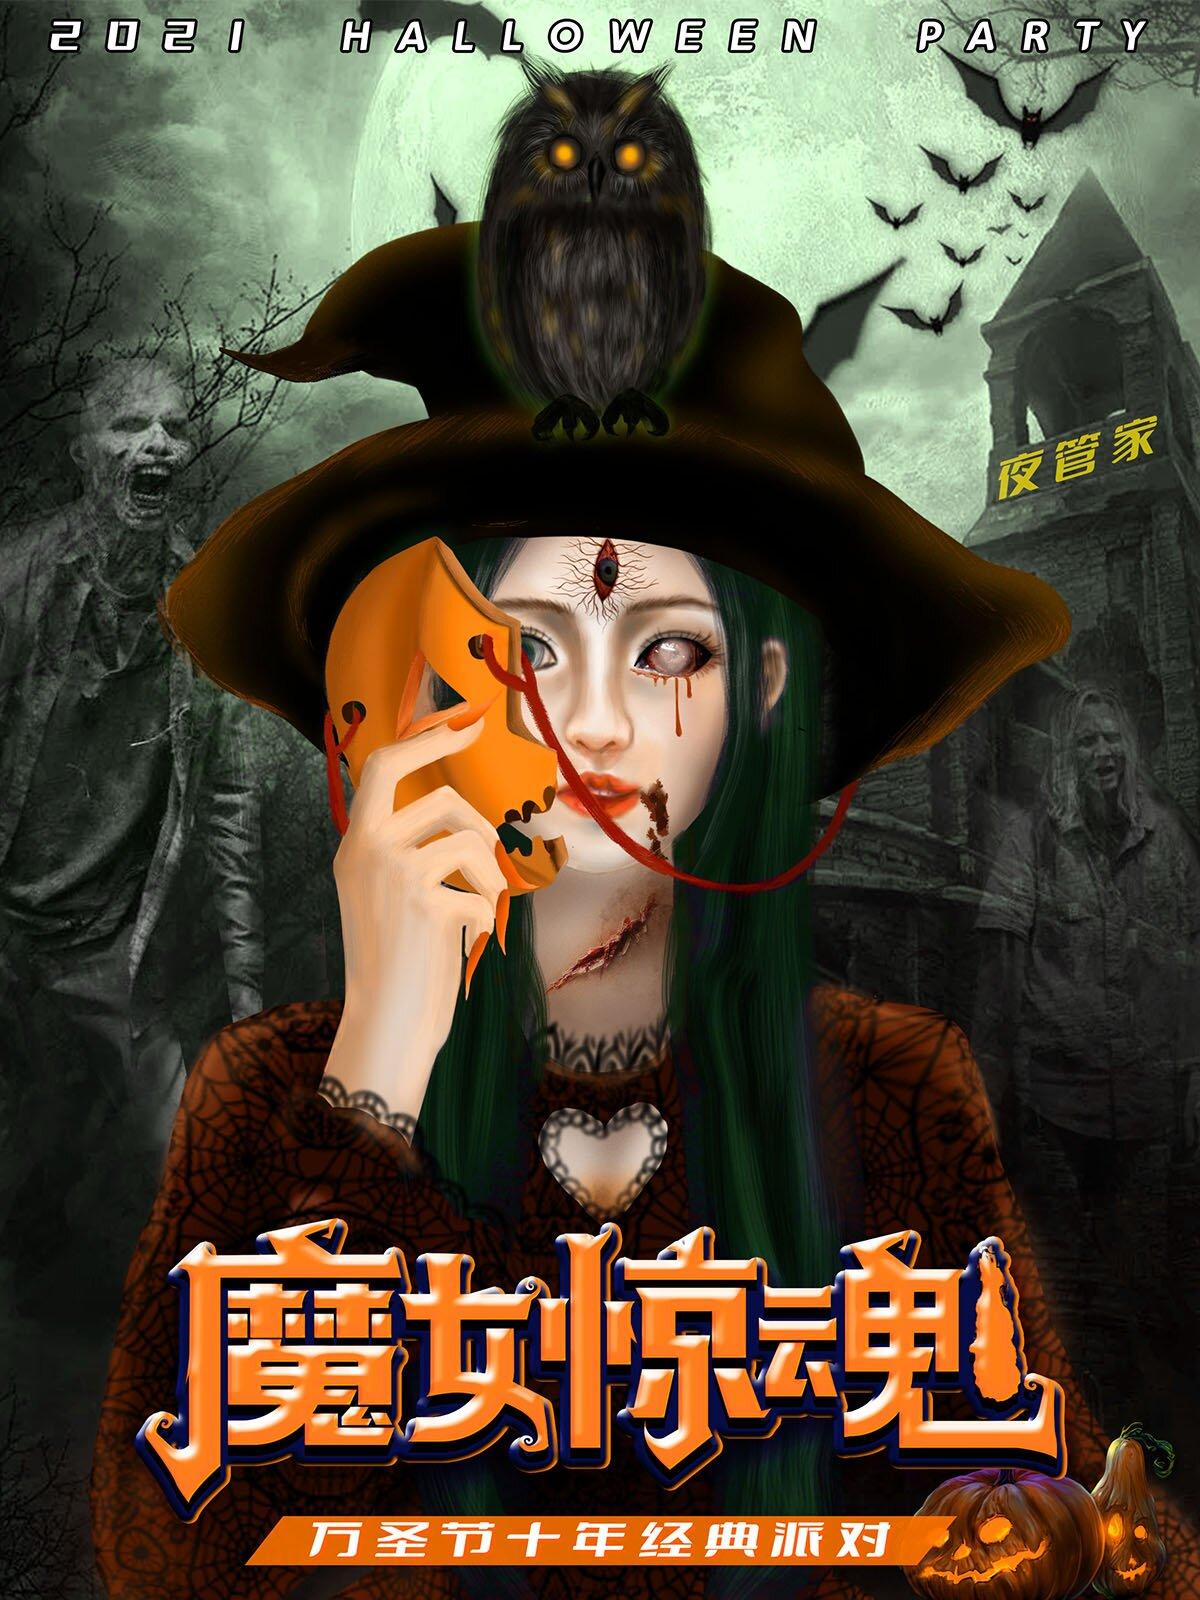 """【成都】2021万圣节""""魔女惊魂""""变装惊悚派对 —奇幻变身,重获新生!"""